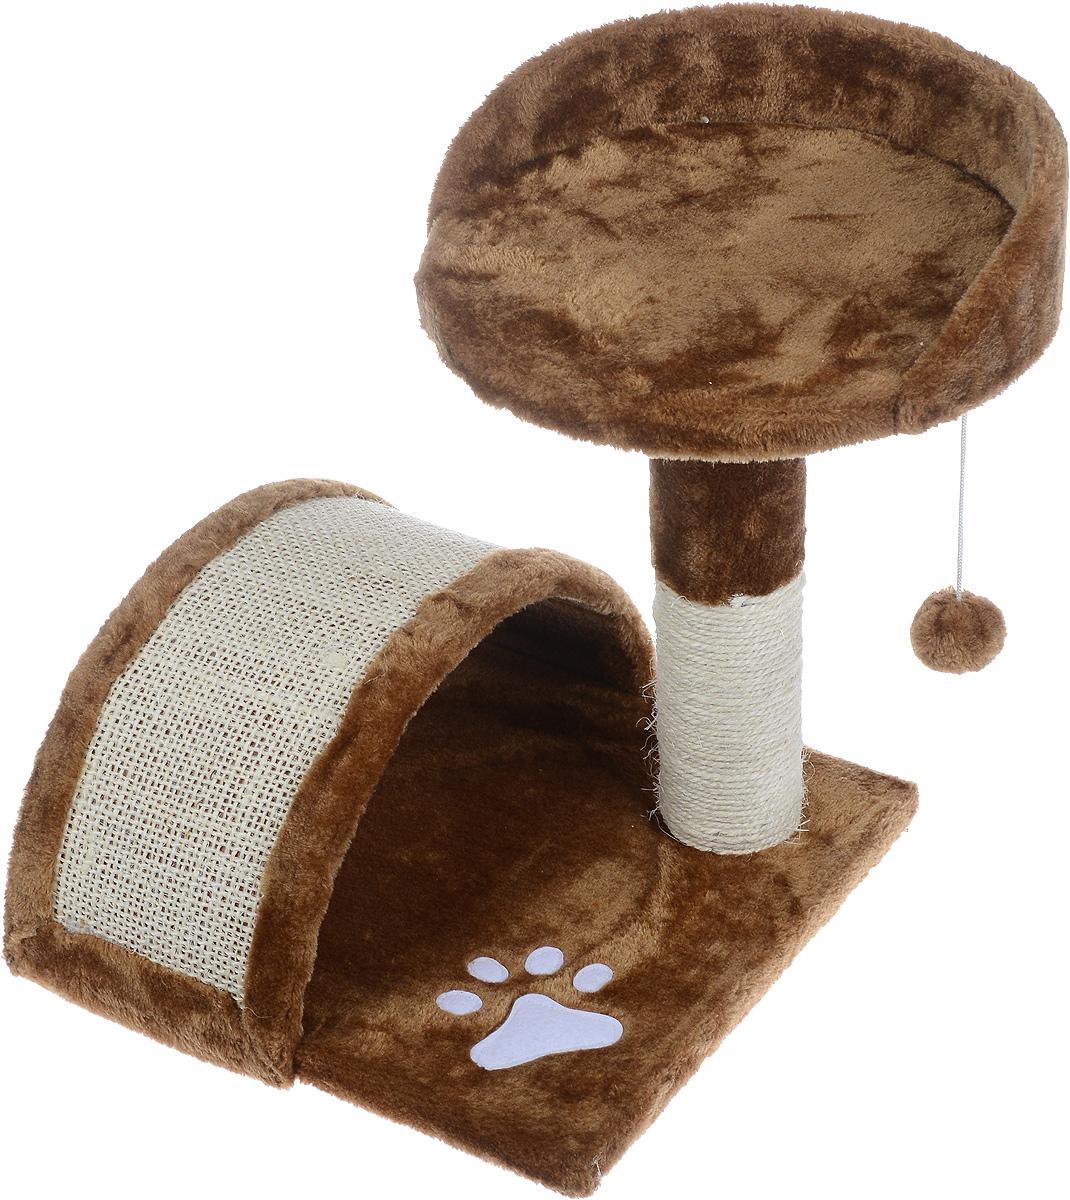 Когтеточка Aimigou, с полкой и игрушками, цвет: коричневый, белый, 43 х 42 х 42 см0120710Когтеточка Aimigou поможет сохранить мебель и ковры в доме от когтей вашего любимца, стремящегося удовлетворить свою естественную потребность точить когти. Когтеточка изготовлена из ДСП, искусственного меха и сизаля. Товар продуман в мельчайших деталях и, несомненно, понравится вашей кошке. Сверху имеется полка. Точить когти ваш питомец будет о полукруглую горку или столбик с покрытием из сизаля. Под горкой расположена мягкая игрушка в виде рыбки.Всем кошкам необходимо стачивать когти. Когтеточка - один из самых необходимых аксессуаров для кошки. Для приучения к когтеточке можно натереть ее сухой валерьянкой или кошачьей мятой. Когтеточка поможет вашему любимцу стачивать когти и при этом не портить вашу мебель.Размер основания: 34 х 34 см.Высота когтеточки (с учетом полки): 42 см.Размер полки: 30,5 х 30 см.